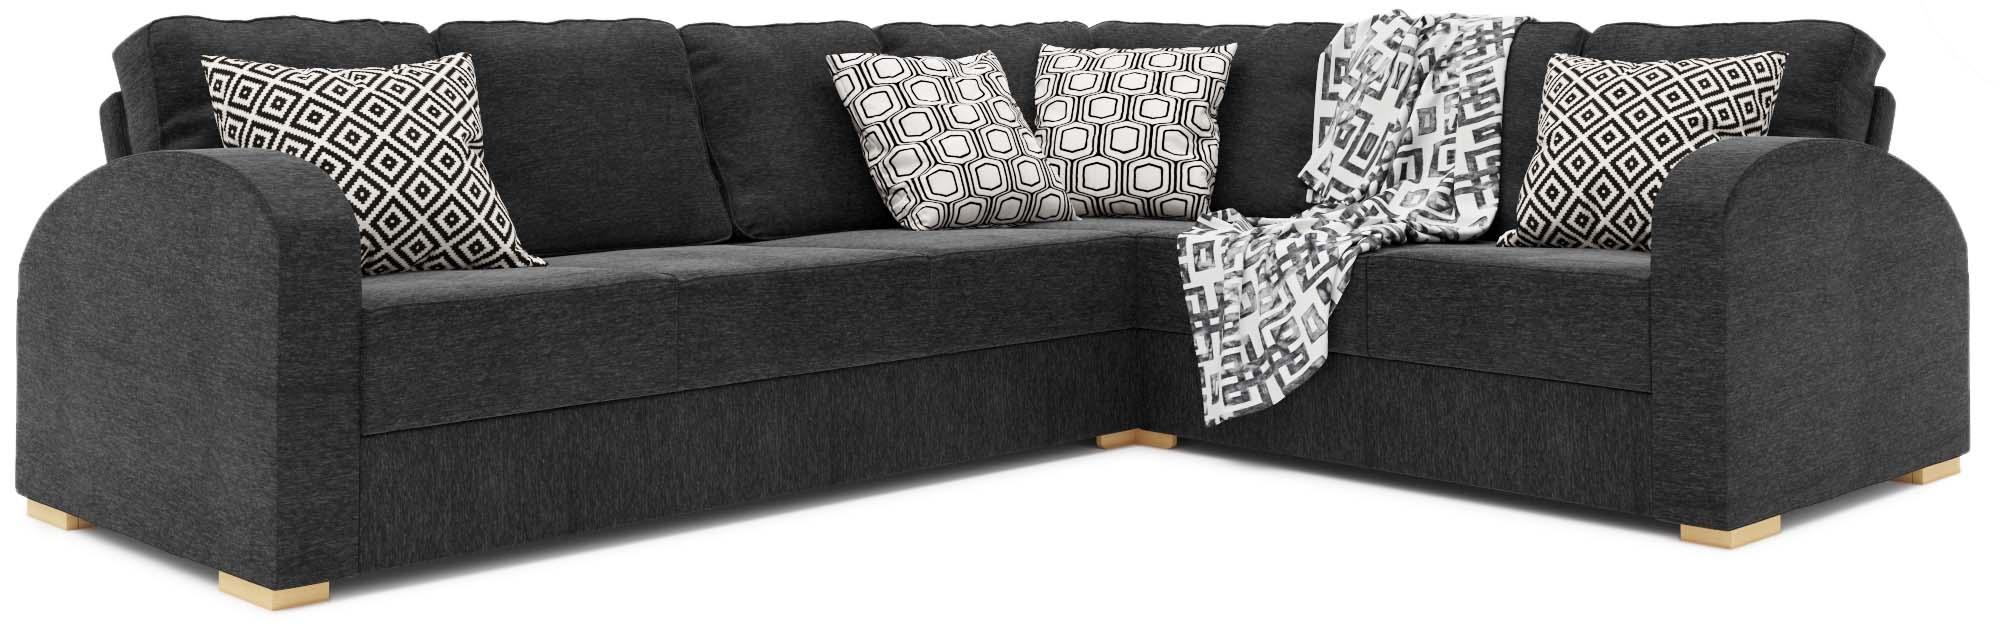 Orb 4x3 Corner Double Sofa Bed